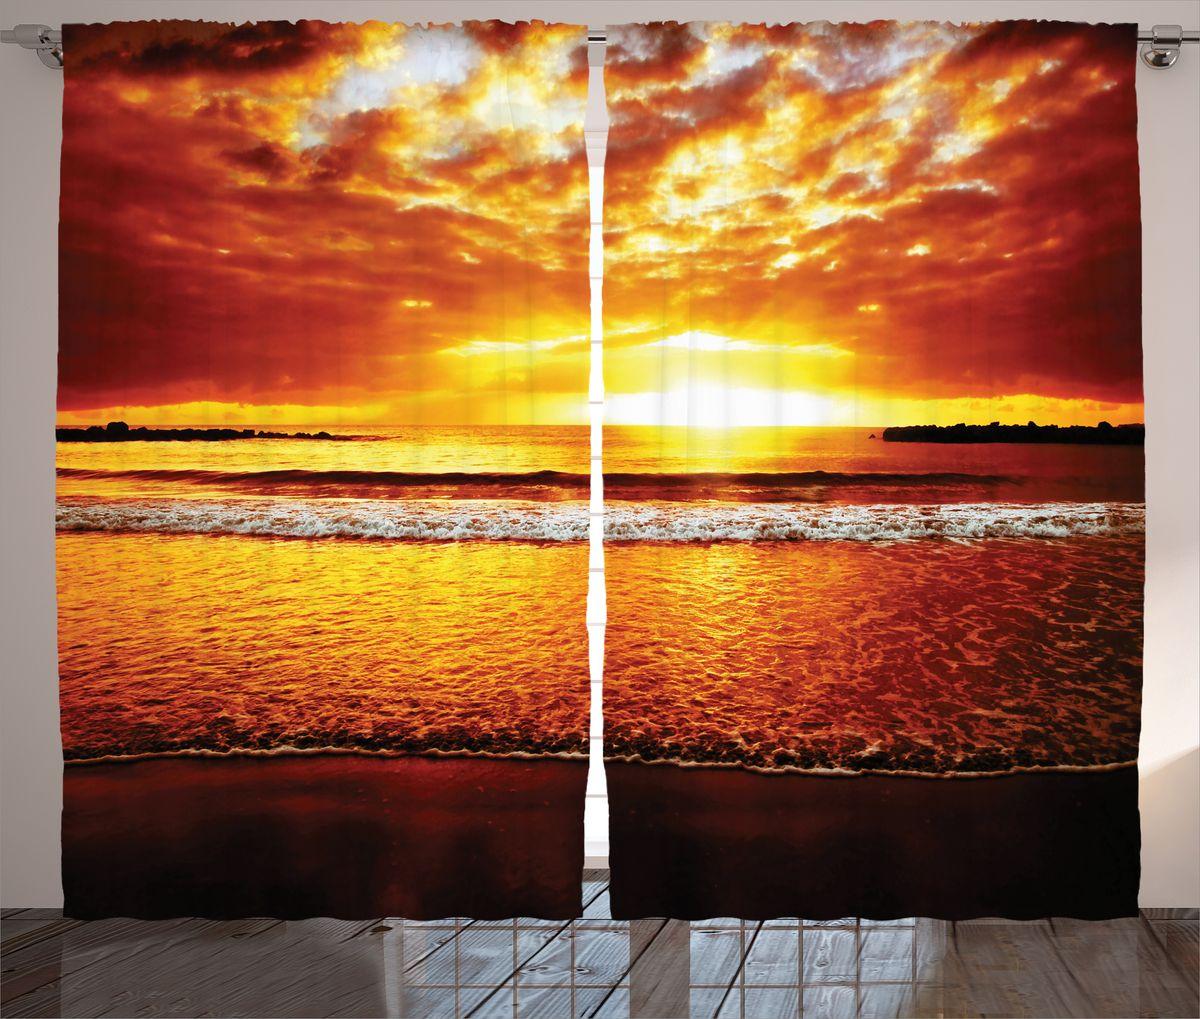 Комплект фотоштор Magic Lady Пламенеющий закат над морем, на ленте, высота 265 см. шсг_15024шсг_11018Компания Сэмболь изготавливает шторы из высококачественного сатена (полиэстер 100%). При изготовлении используются специальные гипоаллергенные чернила для прямой печати по ткани, безопасные для человека и животных. Экологичность продукции Magic lady и безопасность для окружающей среды подтверждены сертификатом Oeko-Tex Standard 100. Крепление: крючки для крепления на шторной ленте (50 шт). Возможно крепление на трубу. Внимание! При нанесении сублимационной печати на ткань технологическим методом при температуре 240°С, возможно отклонение полученных размеров (указанных на этикетке и сайте) от стандартных на + - 3-5 см. Производитель старается максимально точно передать цвета изделия на фотографиях, однако искажения неизбежны и фактический цвет изделия может отличаться от воспринимаемого по фото. Обратите внимание! Шторы изготовлены из полиэстра сатенового переплетения, а не из сатина (хлопок). Размер одного полотна шторы: 145х265 см. В комплекте 2 полотна шторы и 50 крючков.